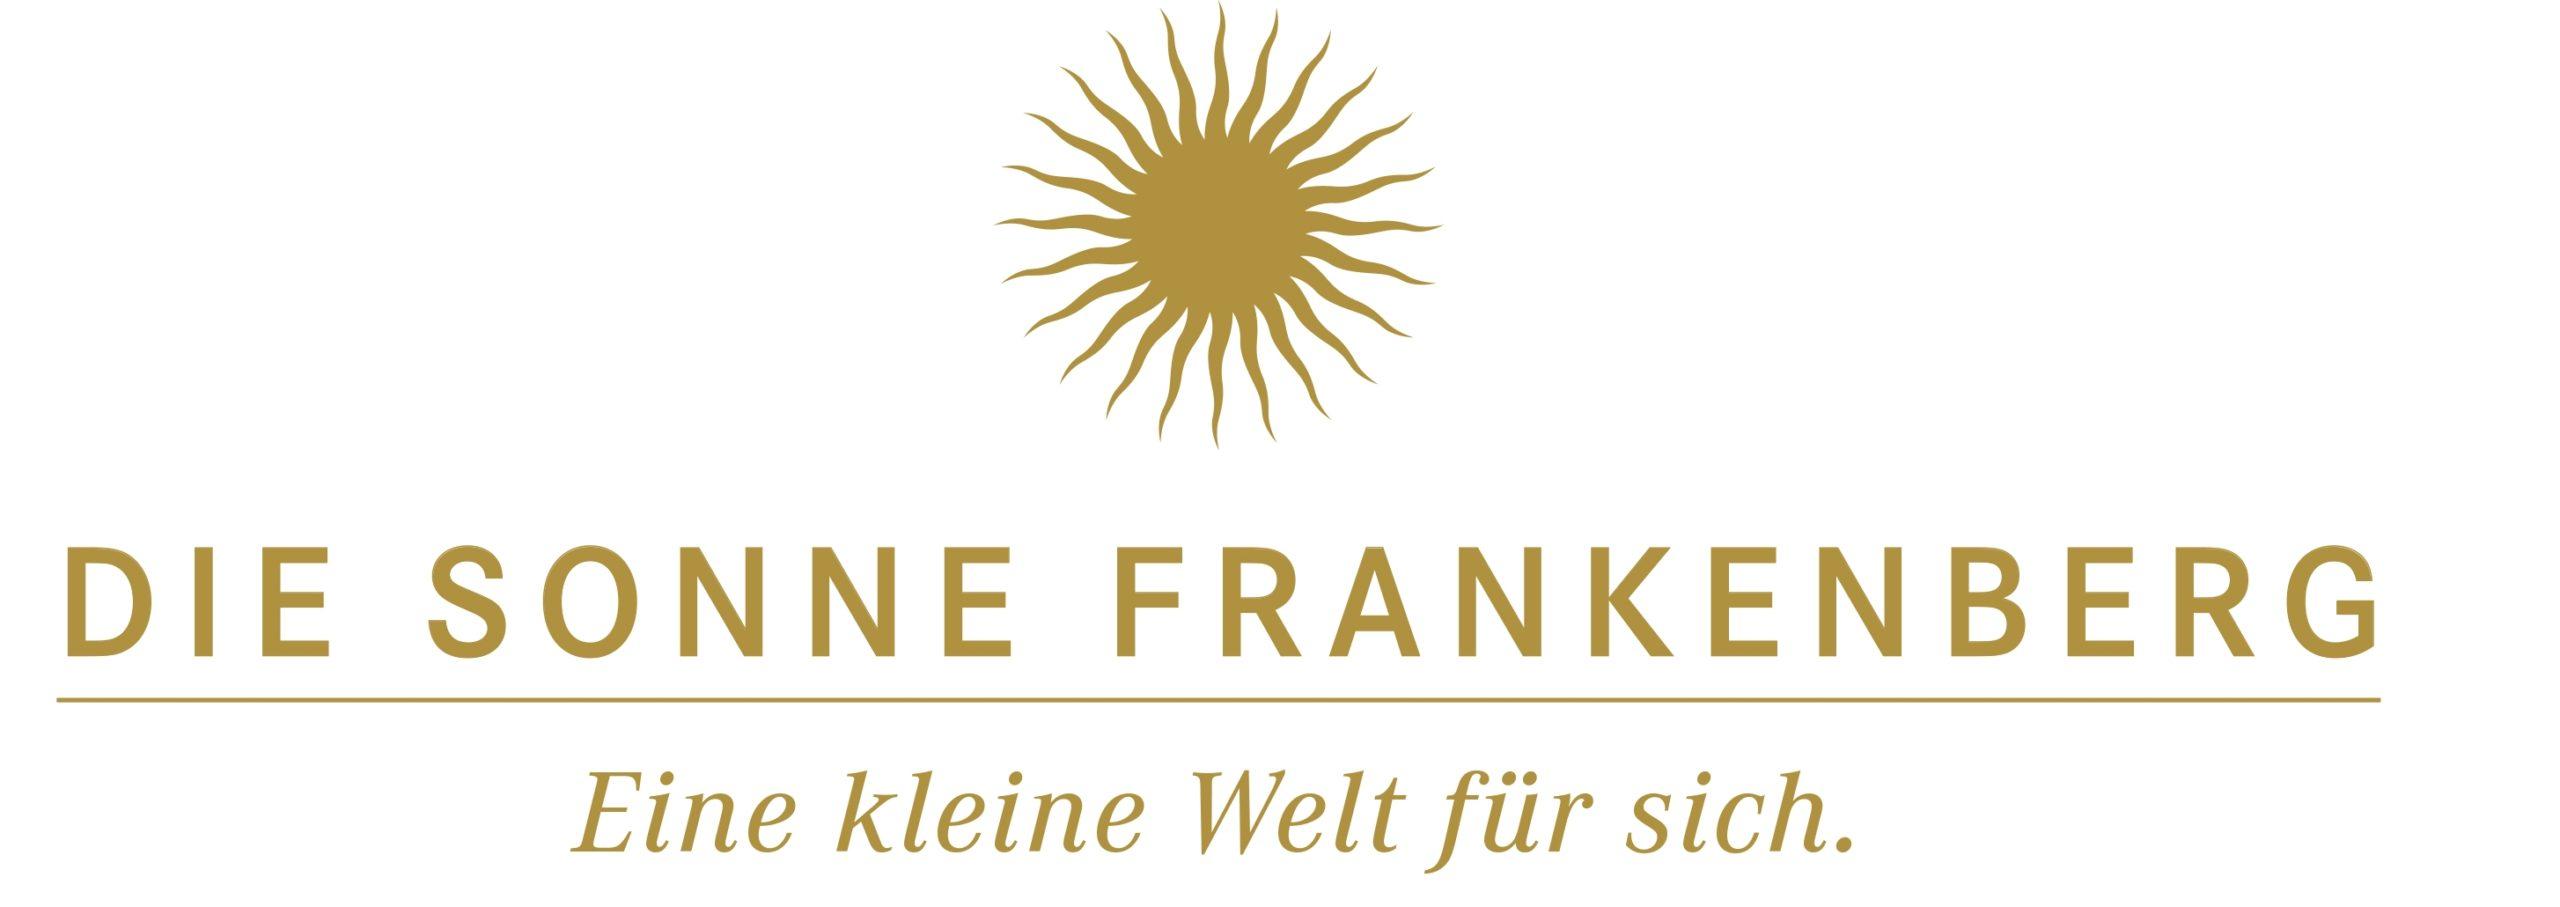 die_sonne_frankenberg